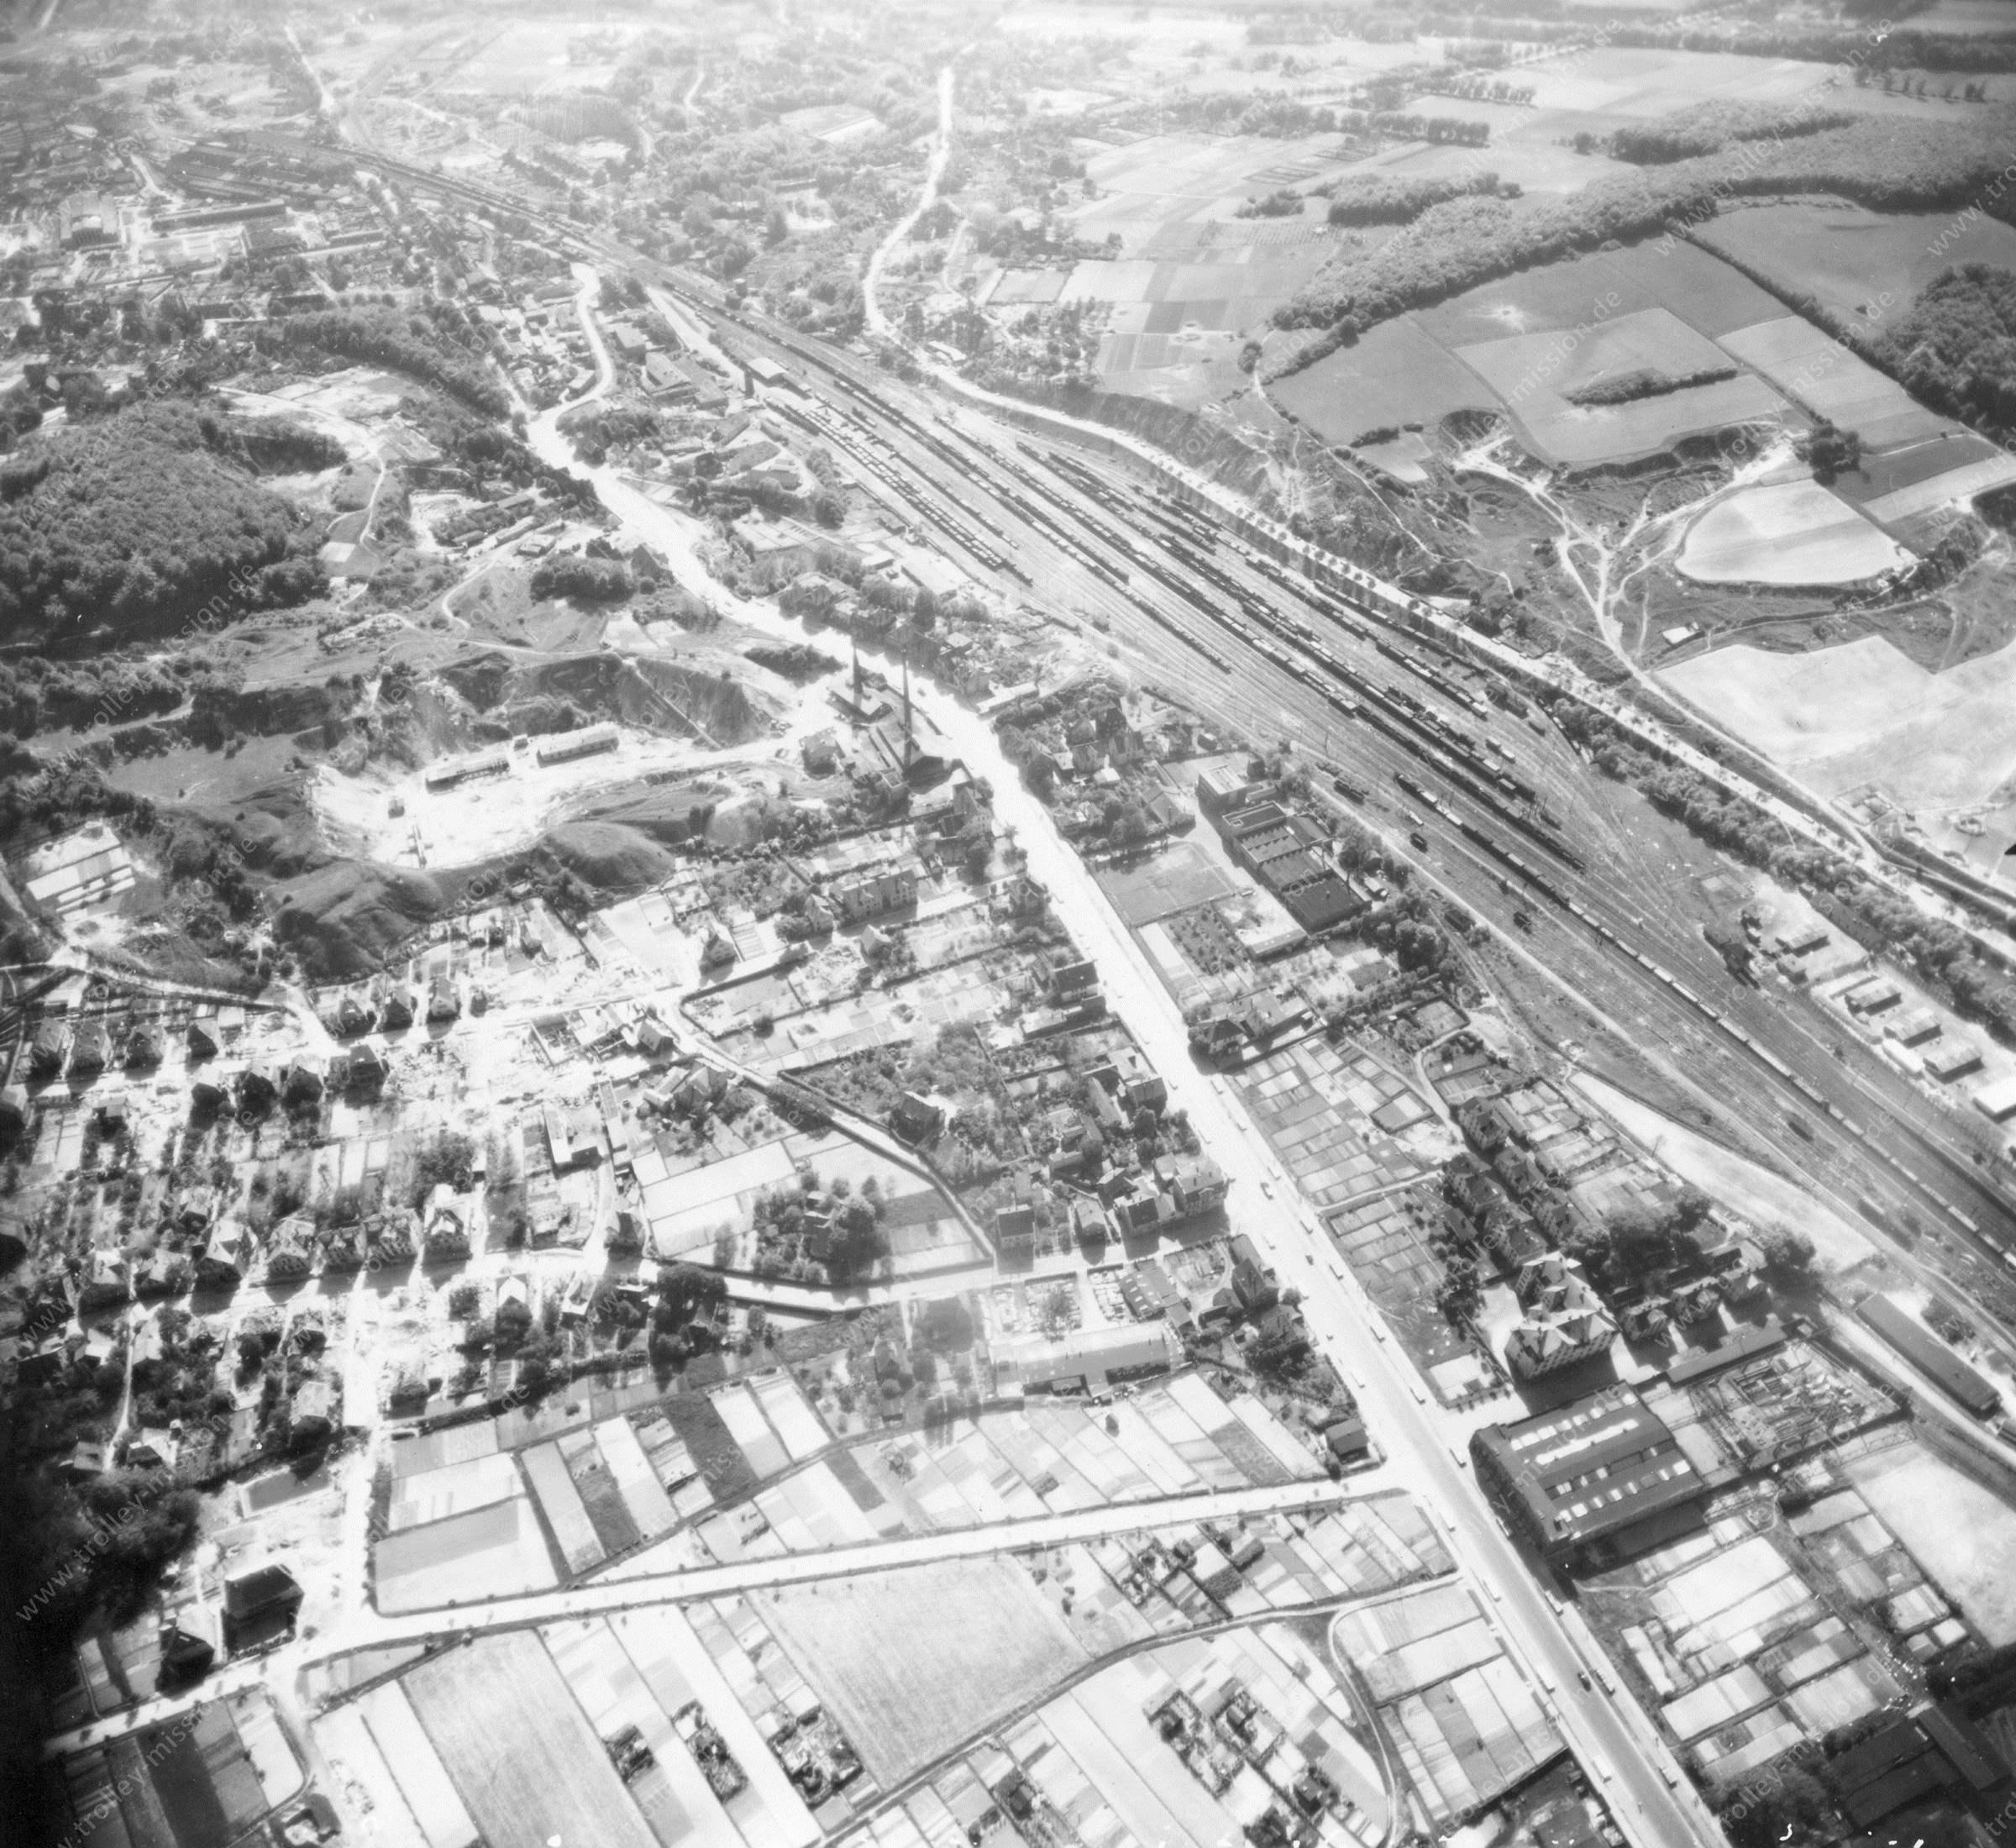 Bielefeld Luftbild Bahnhof Brackwede im Stadtgebiet Gadderbaum